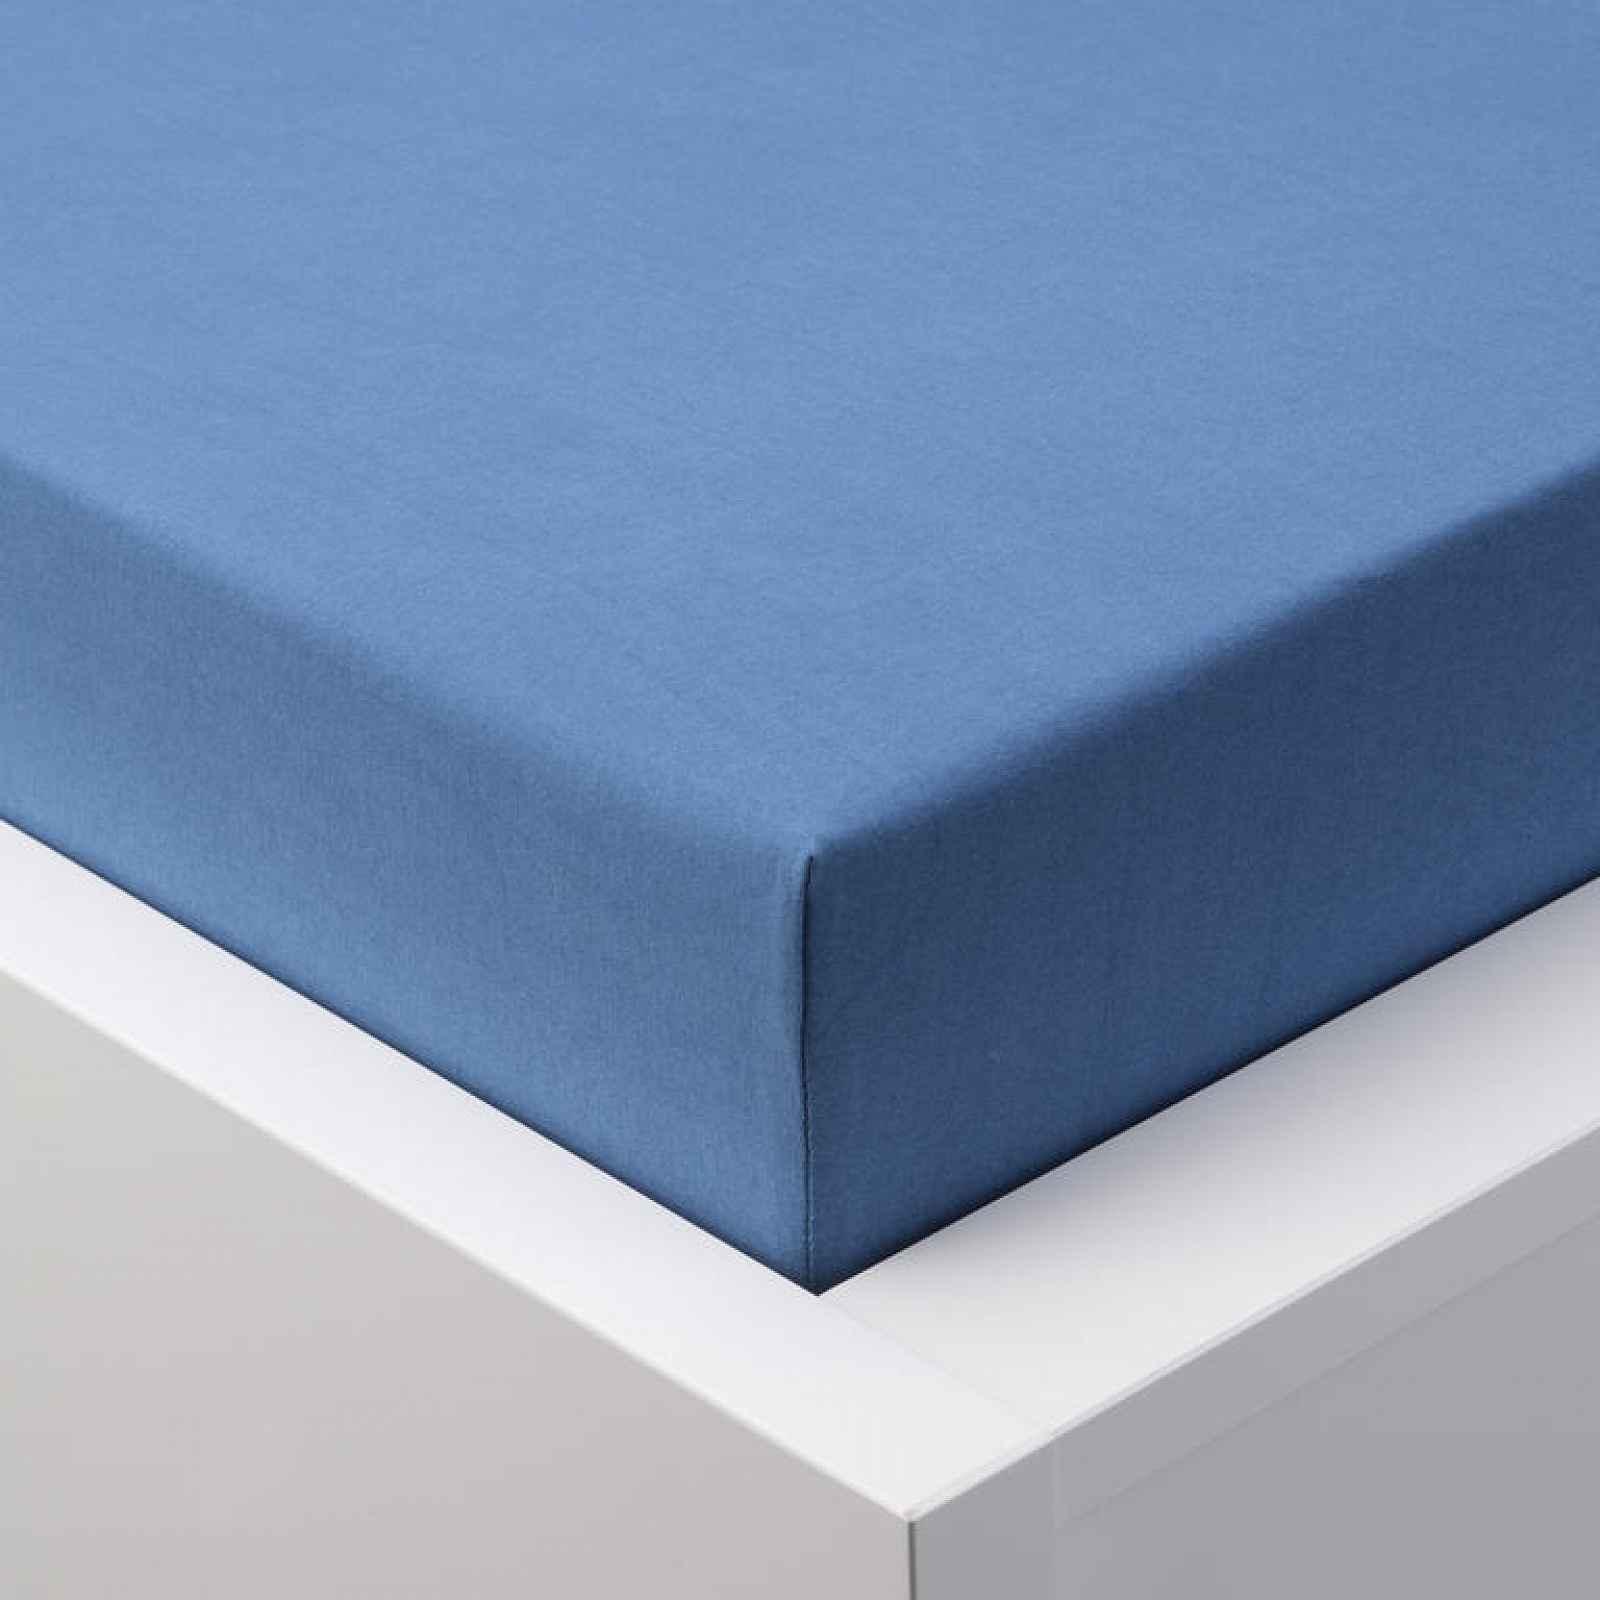 Hermann Cotton Napínací prostěradlo jersey EXCLUSIVE královsky modré 90 - 100 x 200 cm 2 ks